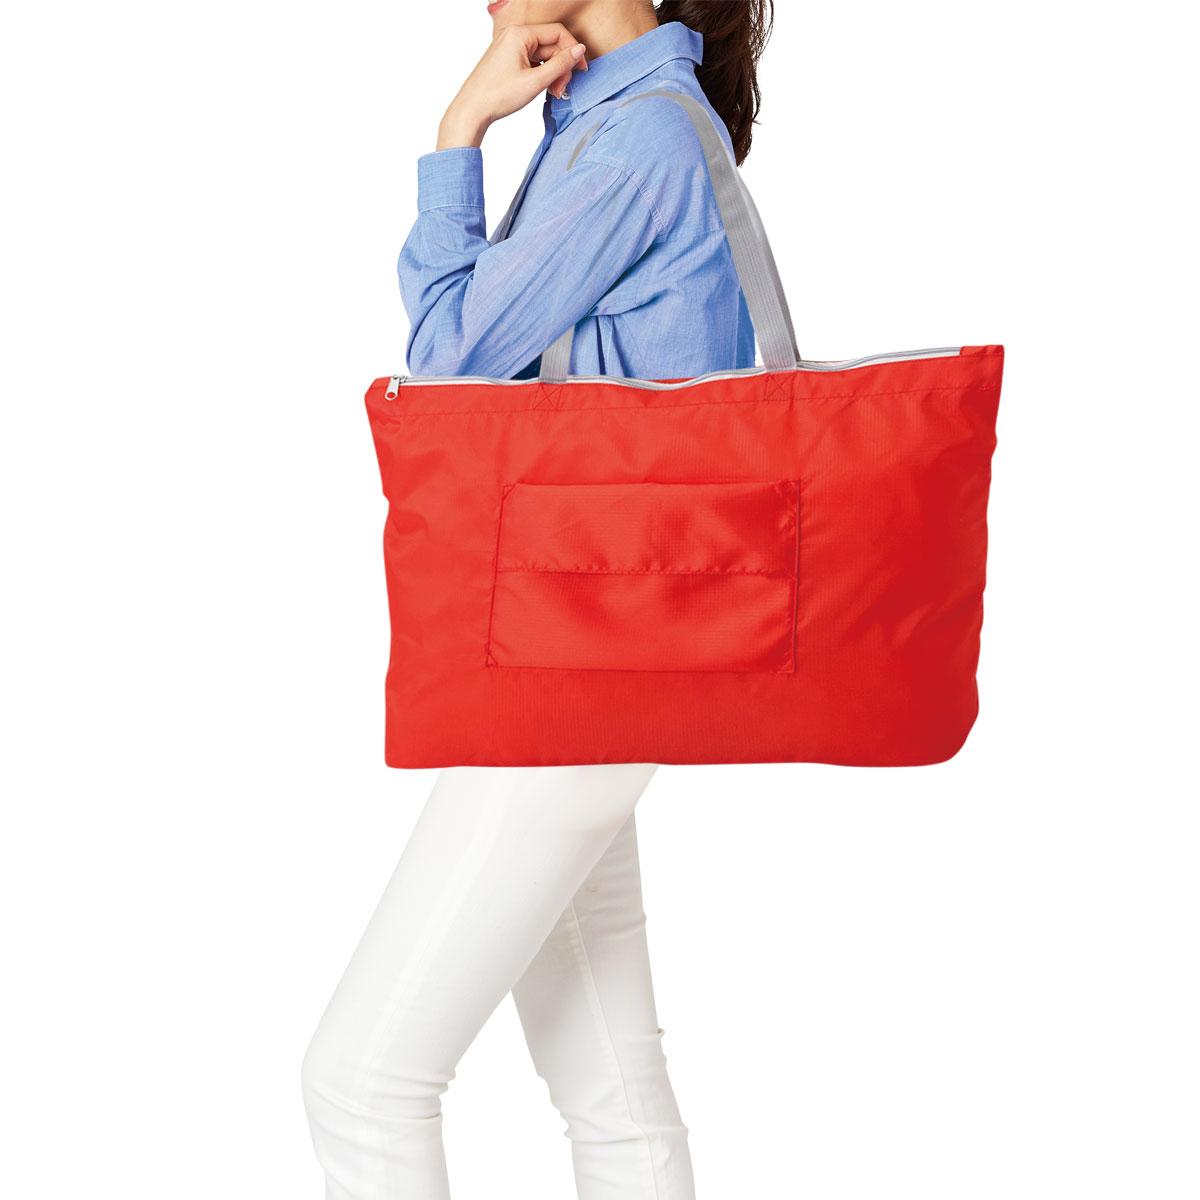 セルトナ 折りたたみキャリーセットバッグ(カラビナ付き)